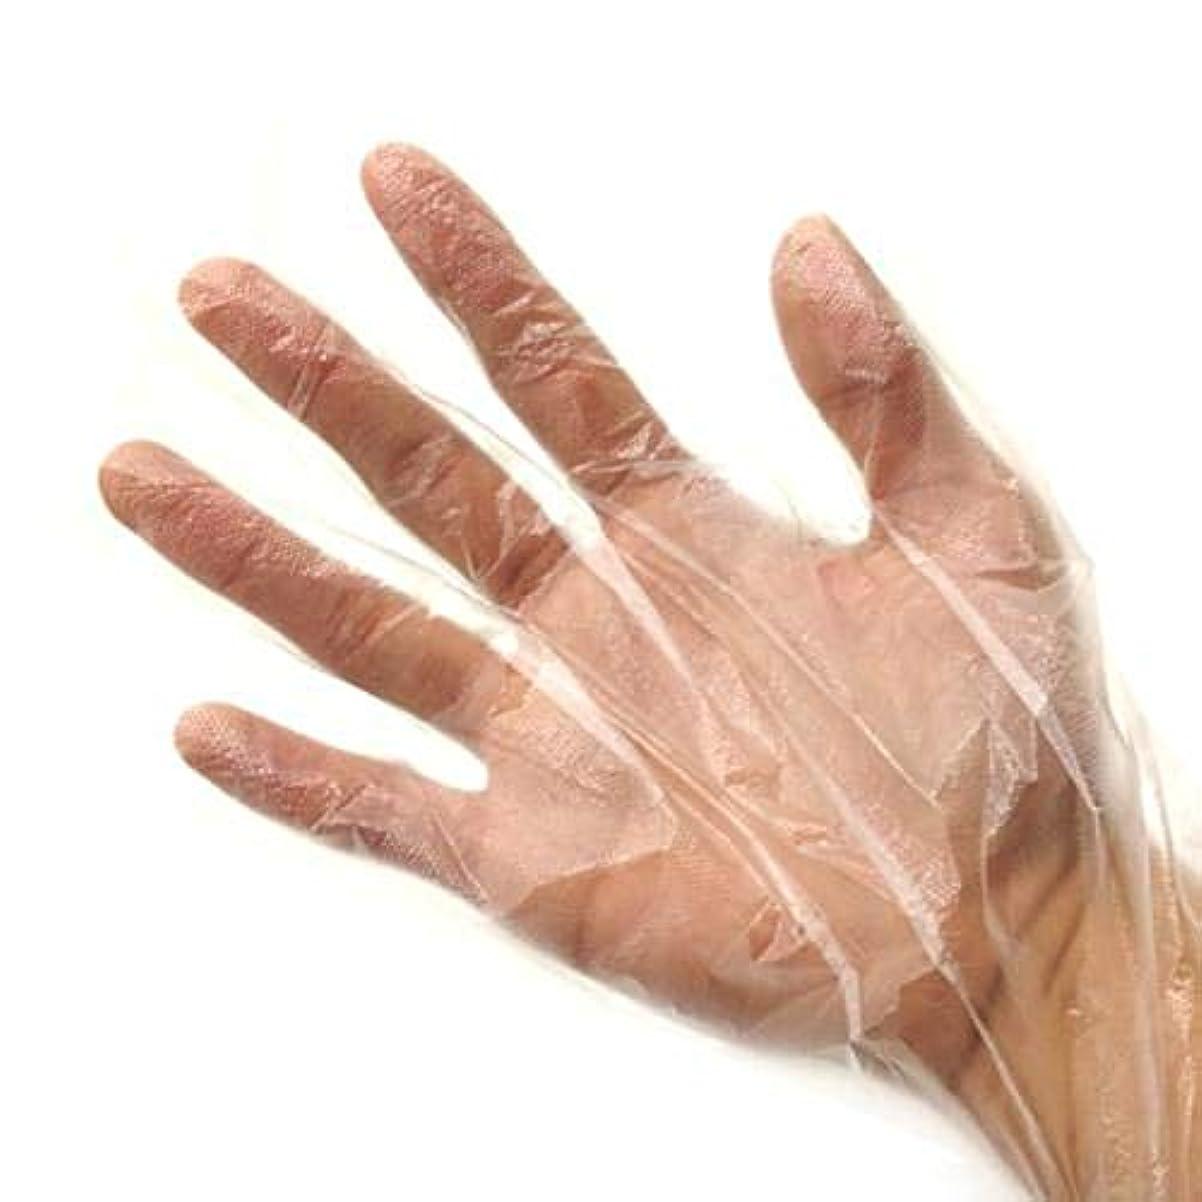 ページェント期待してアプト使い捨て手袋 極薄ビニール手袋 調理 透明 実用 衛生 100枚入